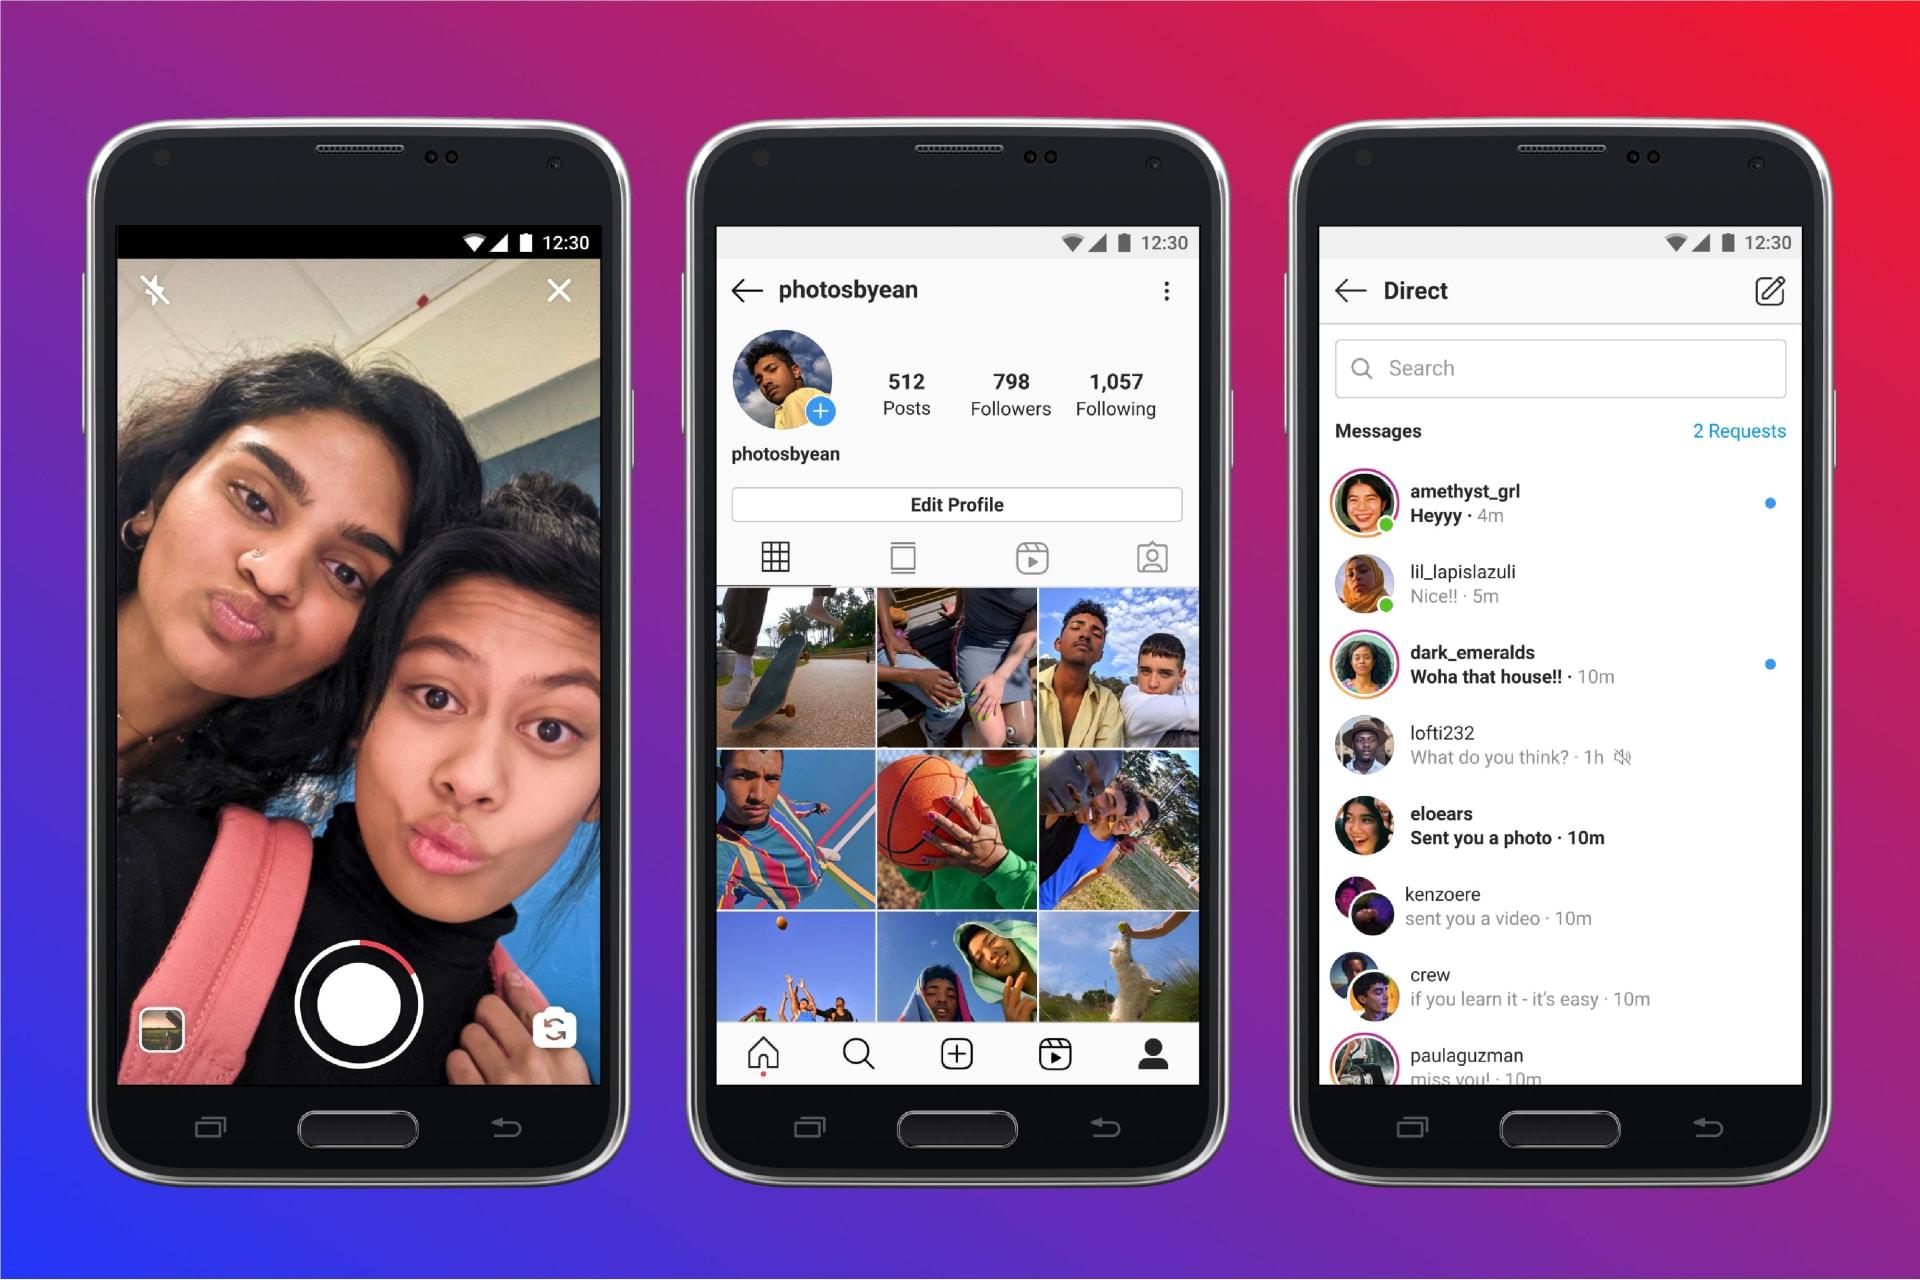 """فيسبوك تطلق خدمة """"إنستغرام لايت"""" في 170 دولة تواجه ضعف الاتصال بالإنترنت"""